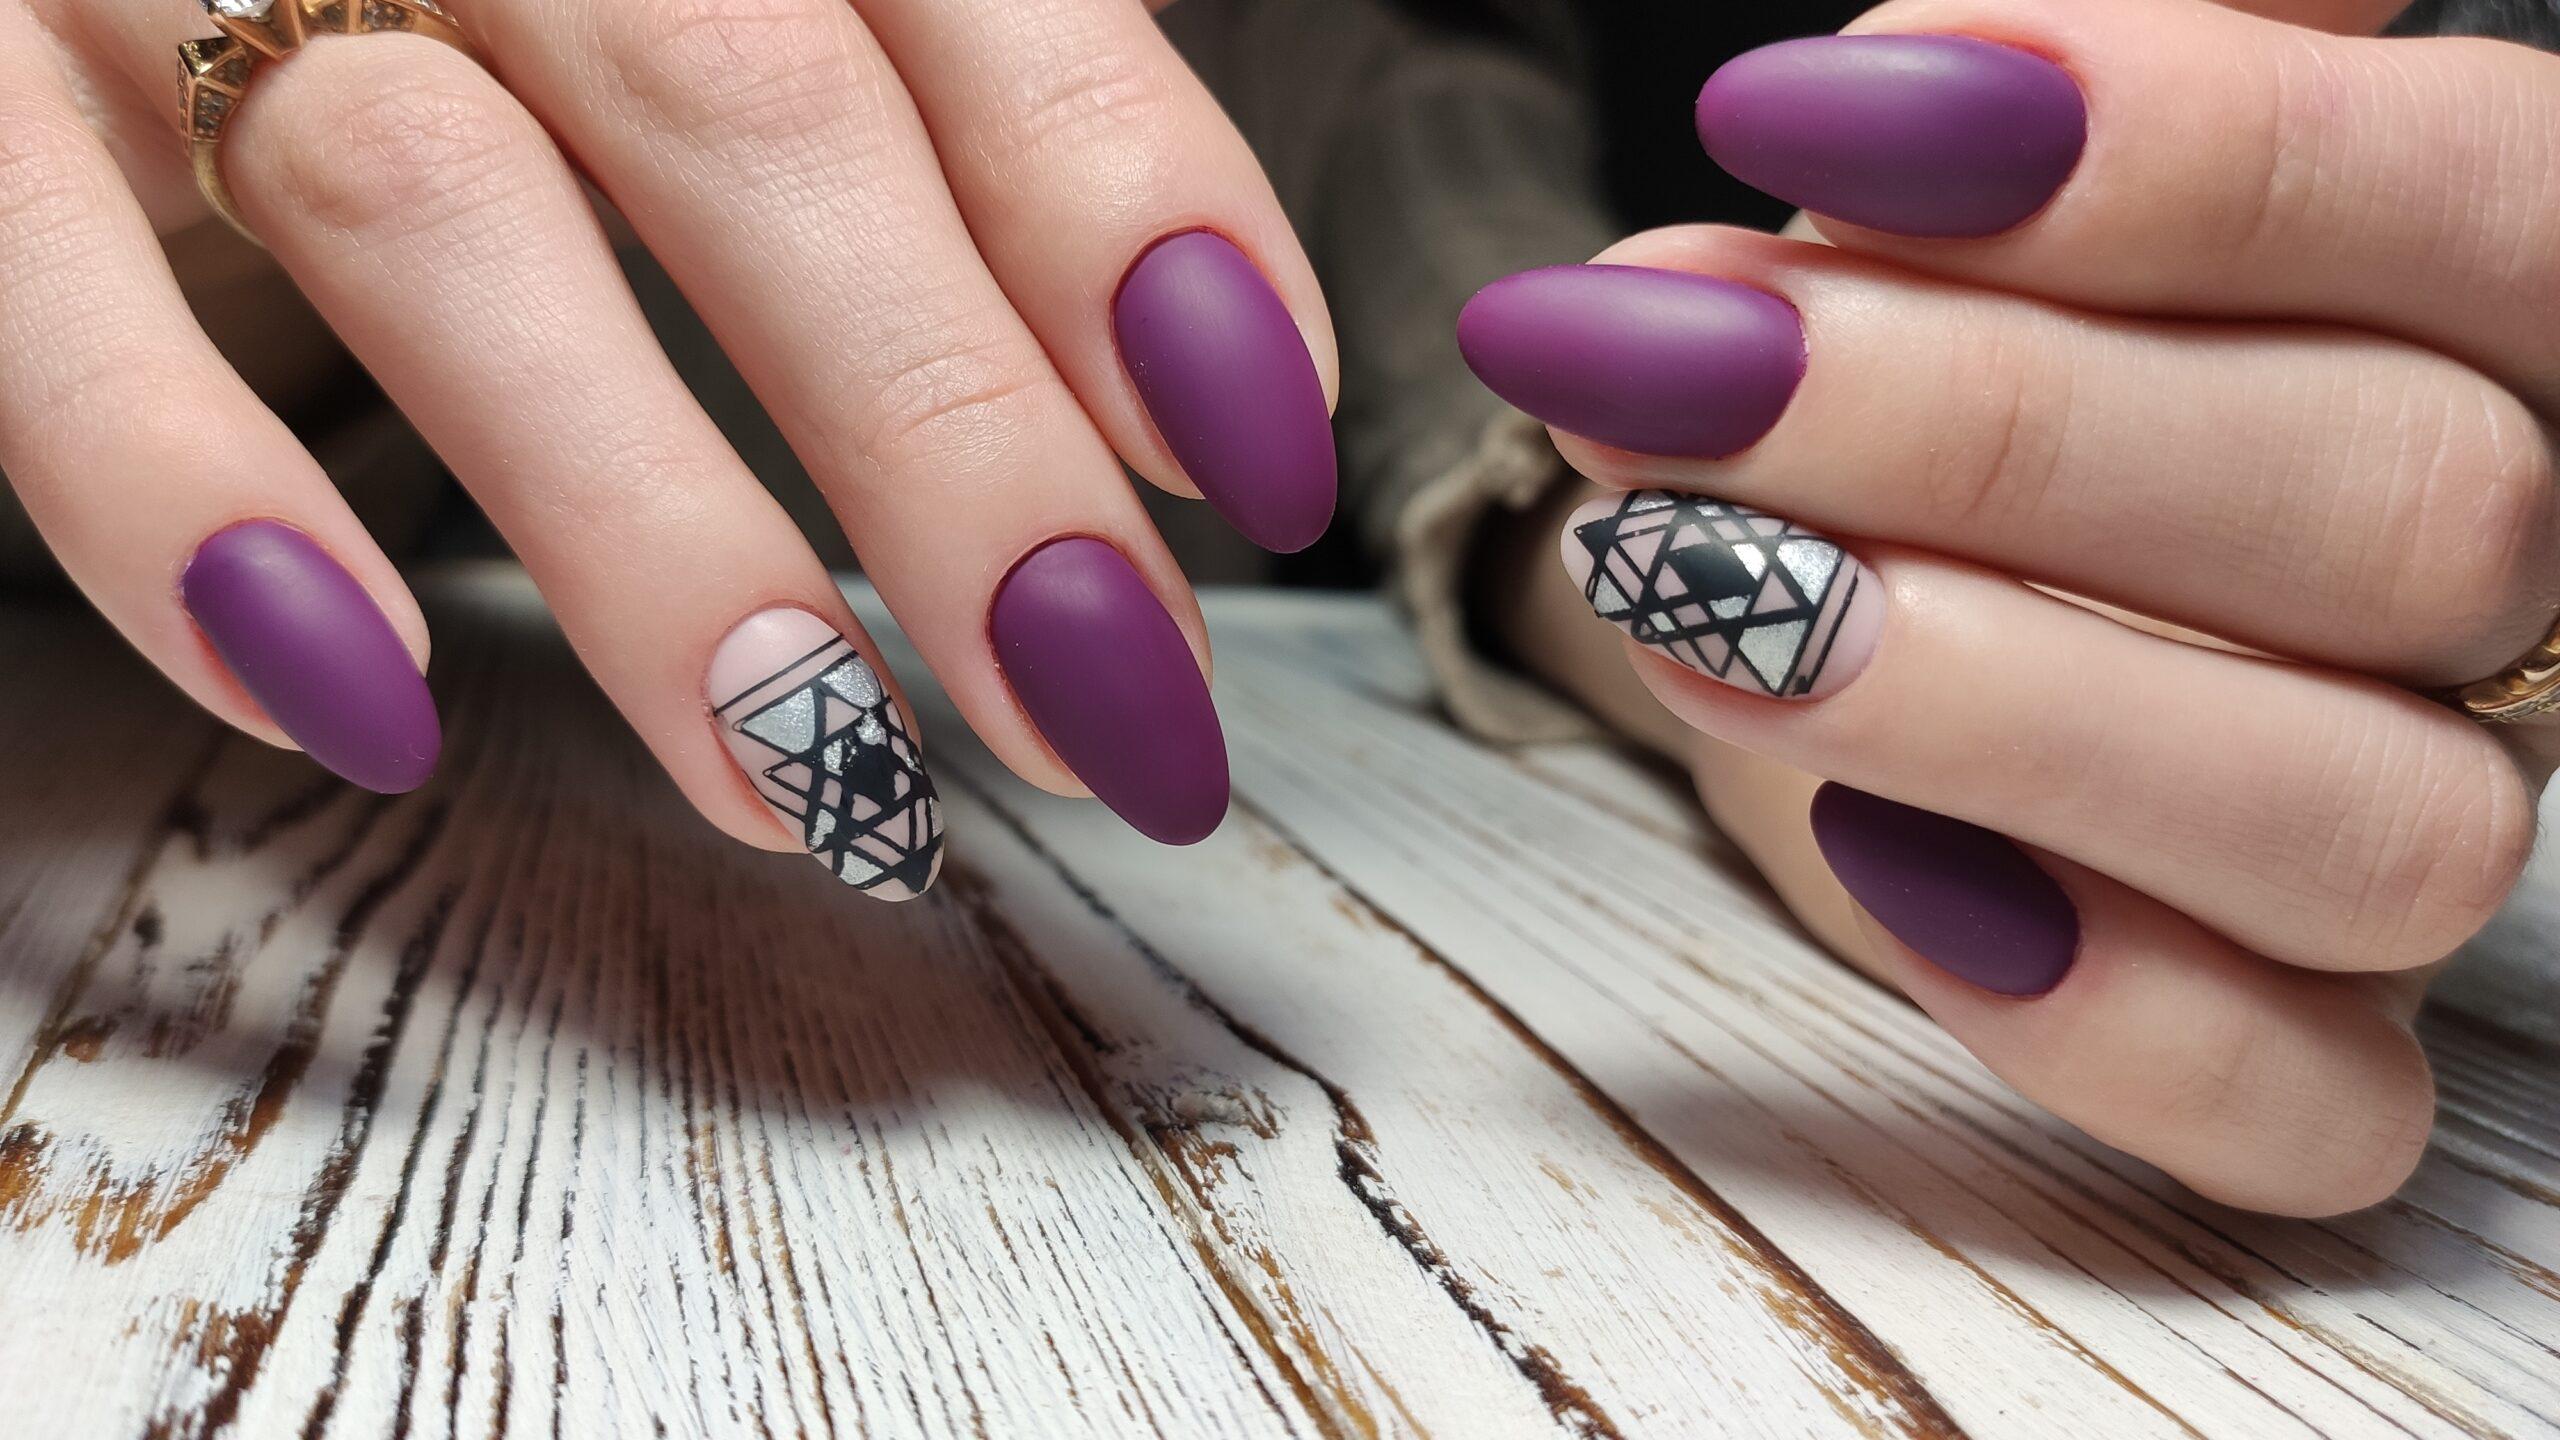 fioletowe ślubne paznokcie kształt migdałowy z wzorami